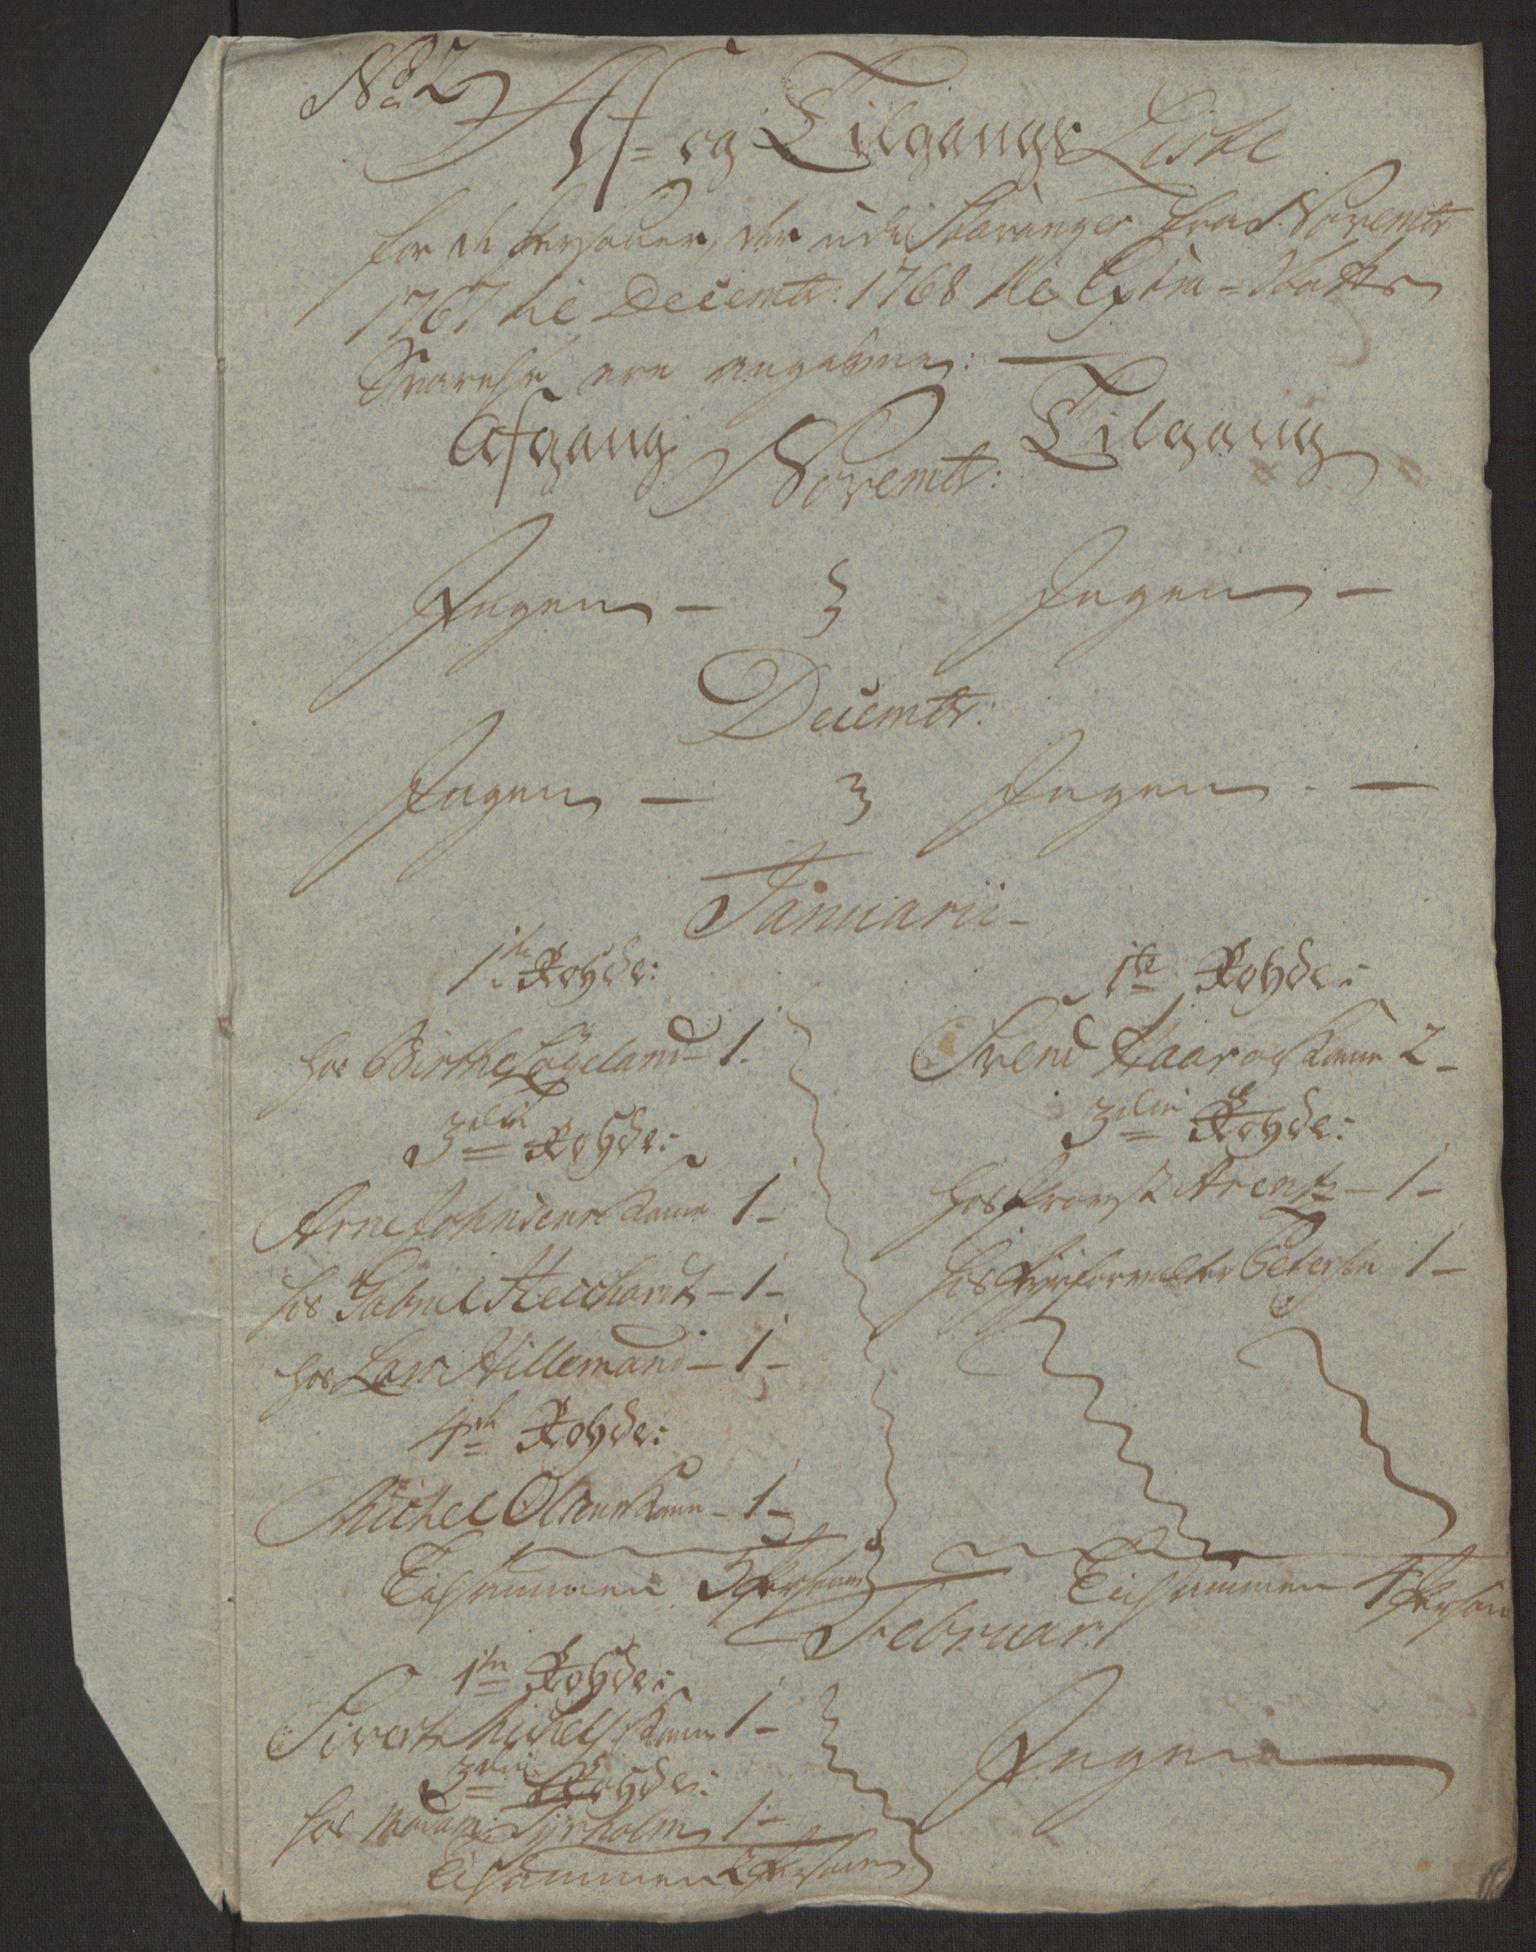 RA, Rentekammeret inntil 1814, Reviderte regnskaper, Byregnskaper, R/Ro/L0305: [O6] Kontribusjonsregnskap, 1762-1768, s. 379